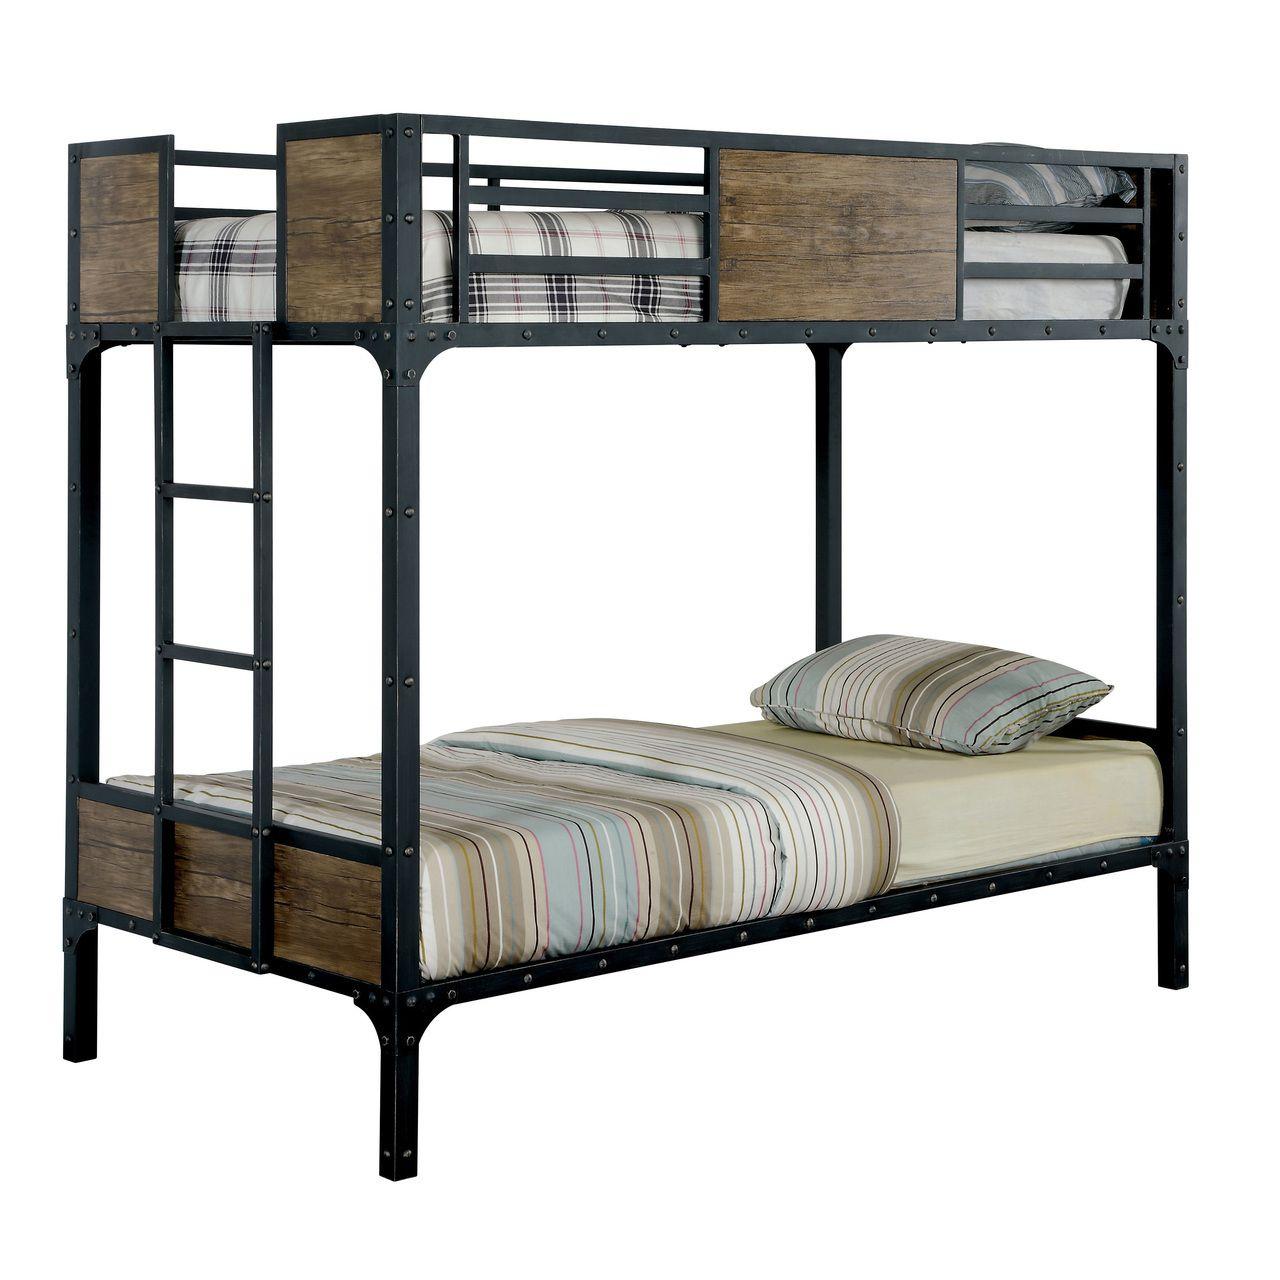 Furniture Of America Industrial Metal Wood Twin Bunk Bed Metal Bunk Beds Twin Bunk Beds Bunk Beds